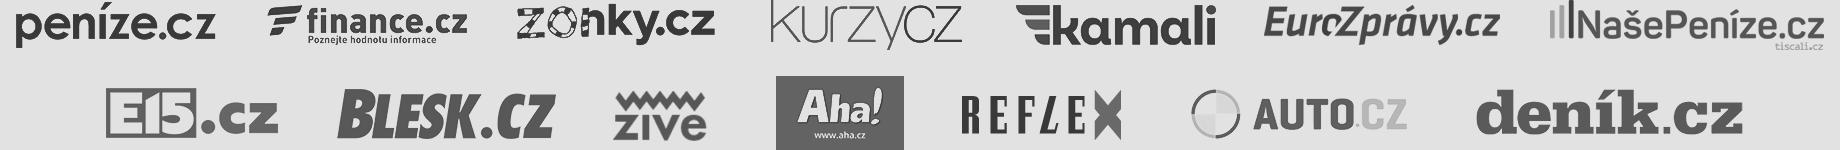 Napsali o nás: Peníze.cz, Finance.cz, Zonky.cz, Kurzy.cz, Kamali.cz, EuroZprávy.cz, NašePeníze.cz